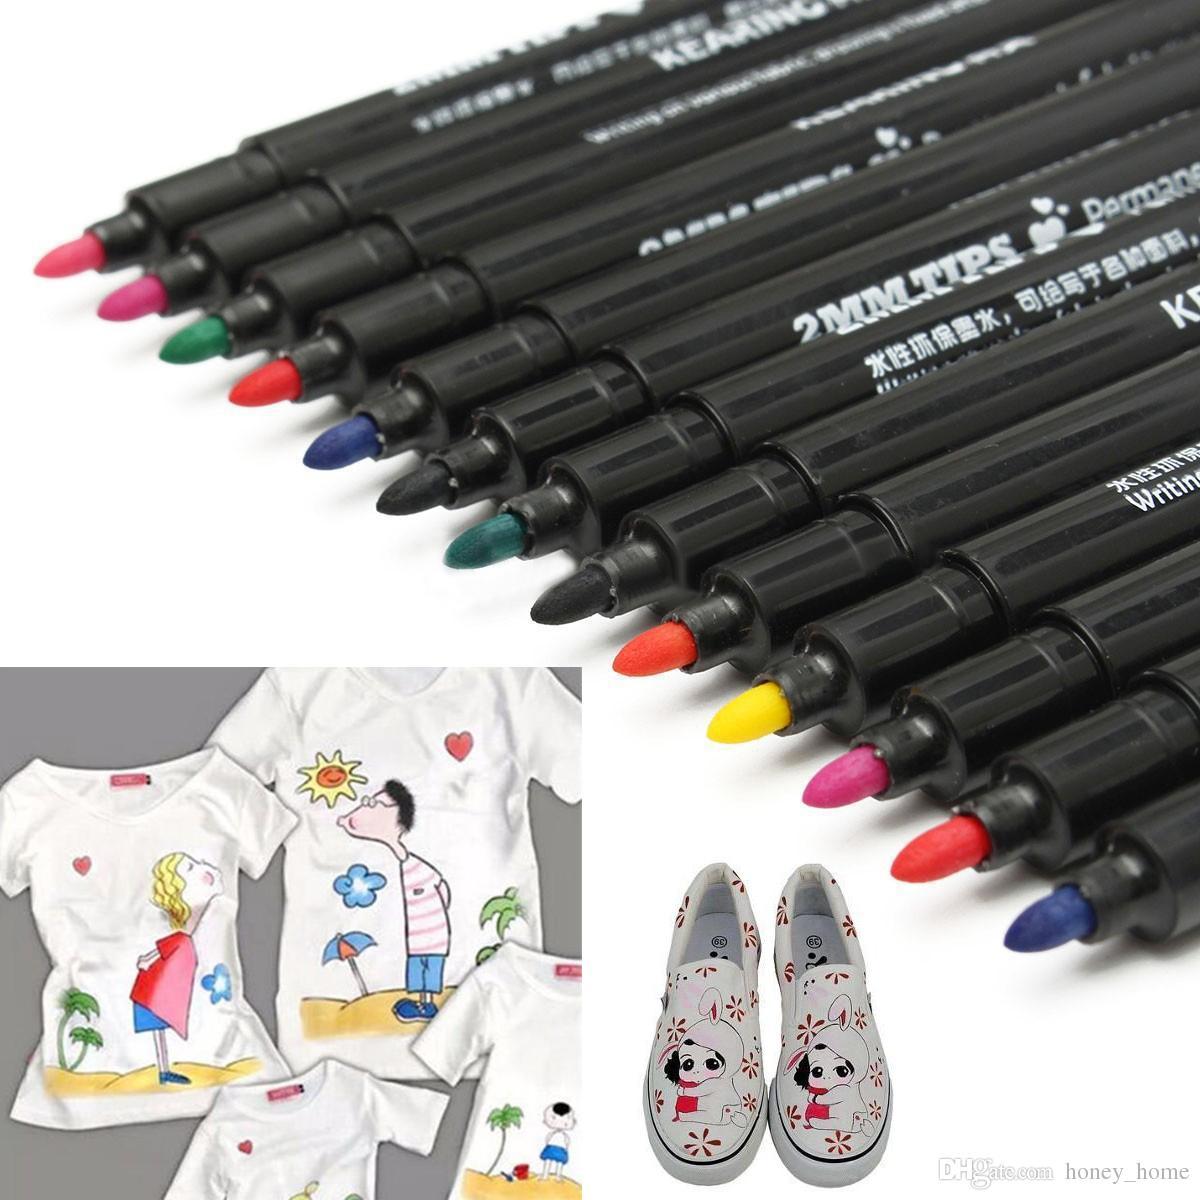 T-Shirt Permanent Fabric Paint Marker Pen Textile Clothes Shoes DIY ZN